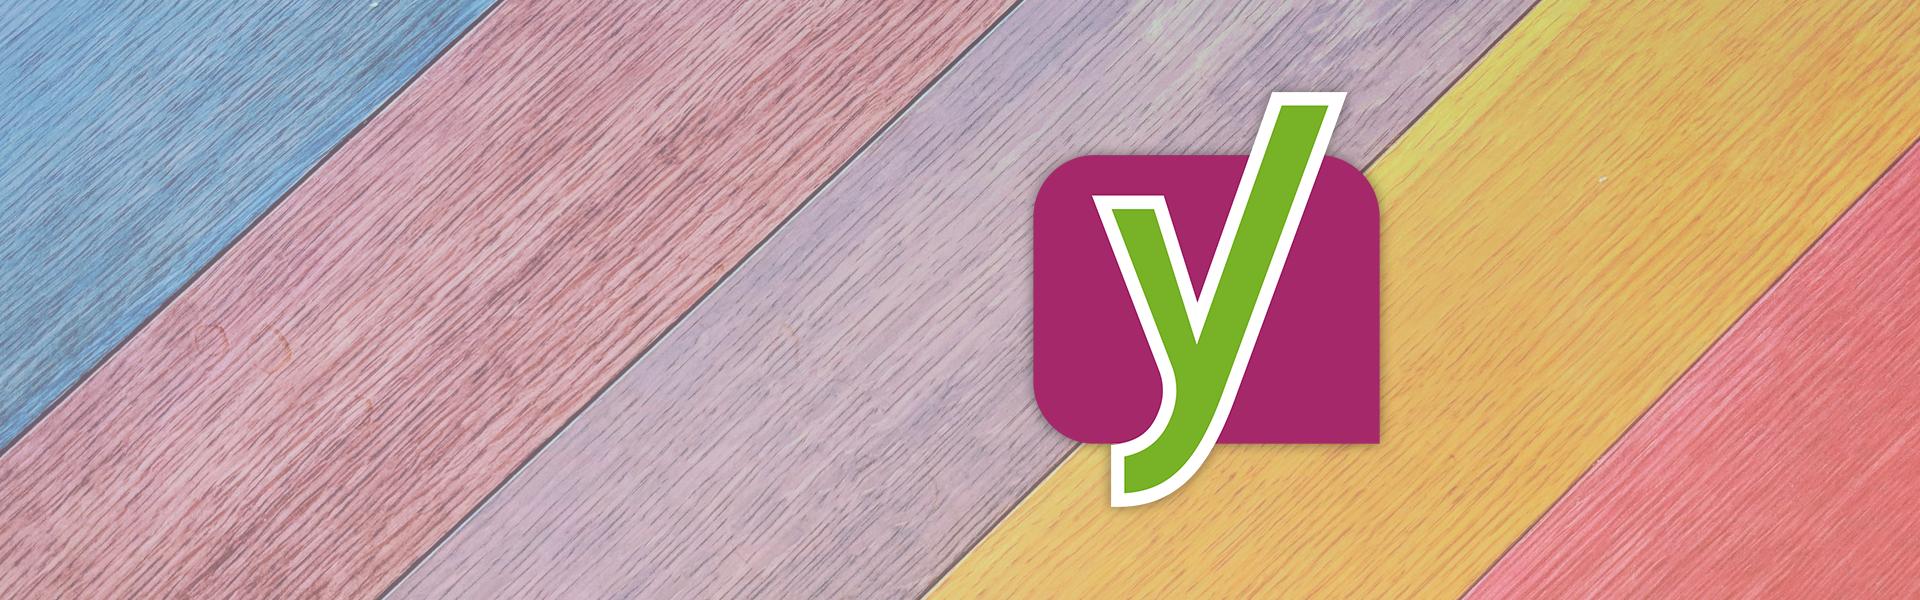 Настройка Yoast SEO 2020. Полная и правильная пошаговая инструкция • 1 • Финты WordPress